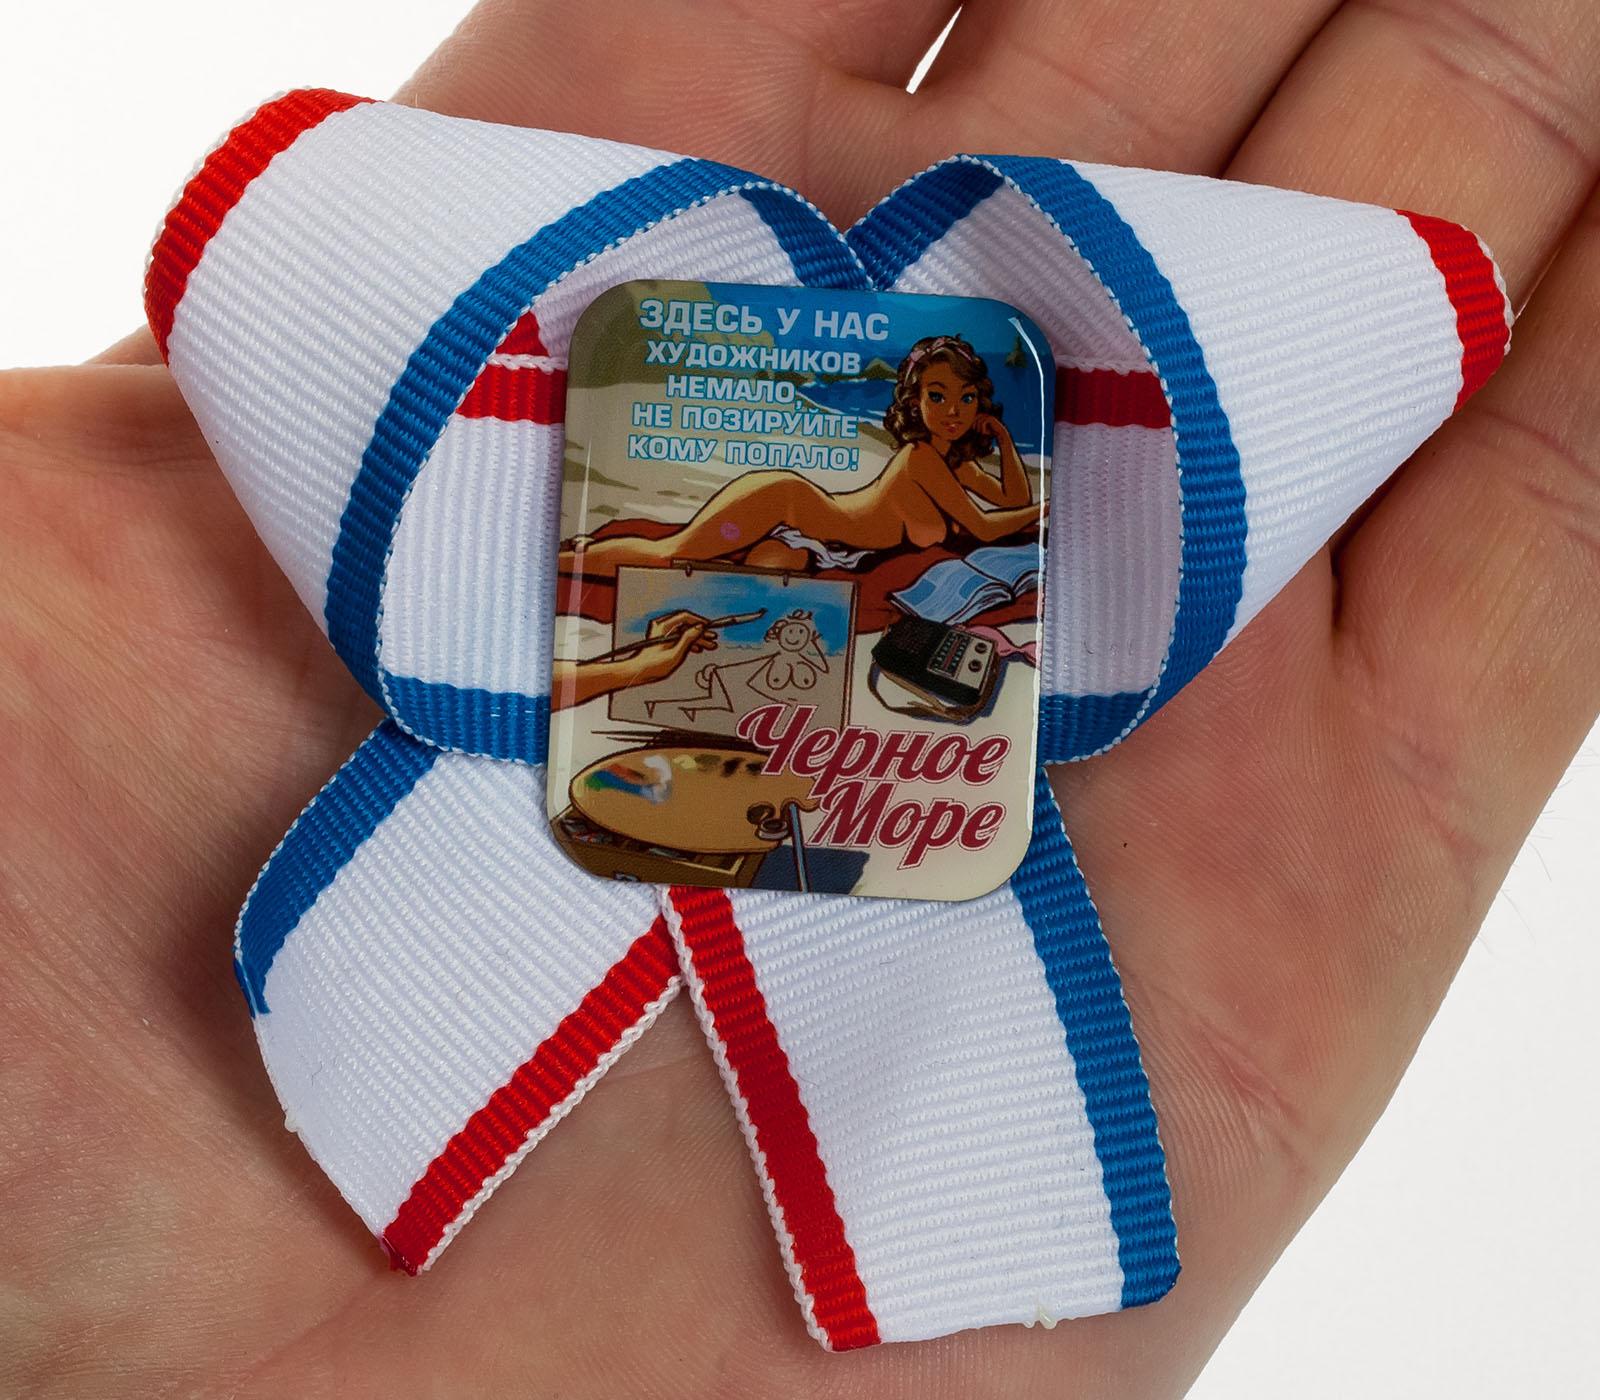 Черноморские значки, сувениры заказать онлайн с доставкой